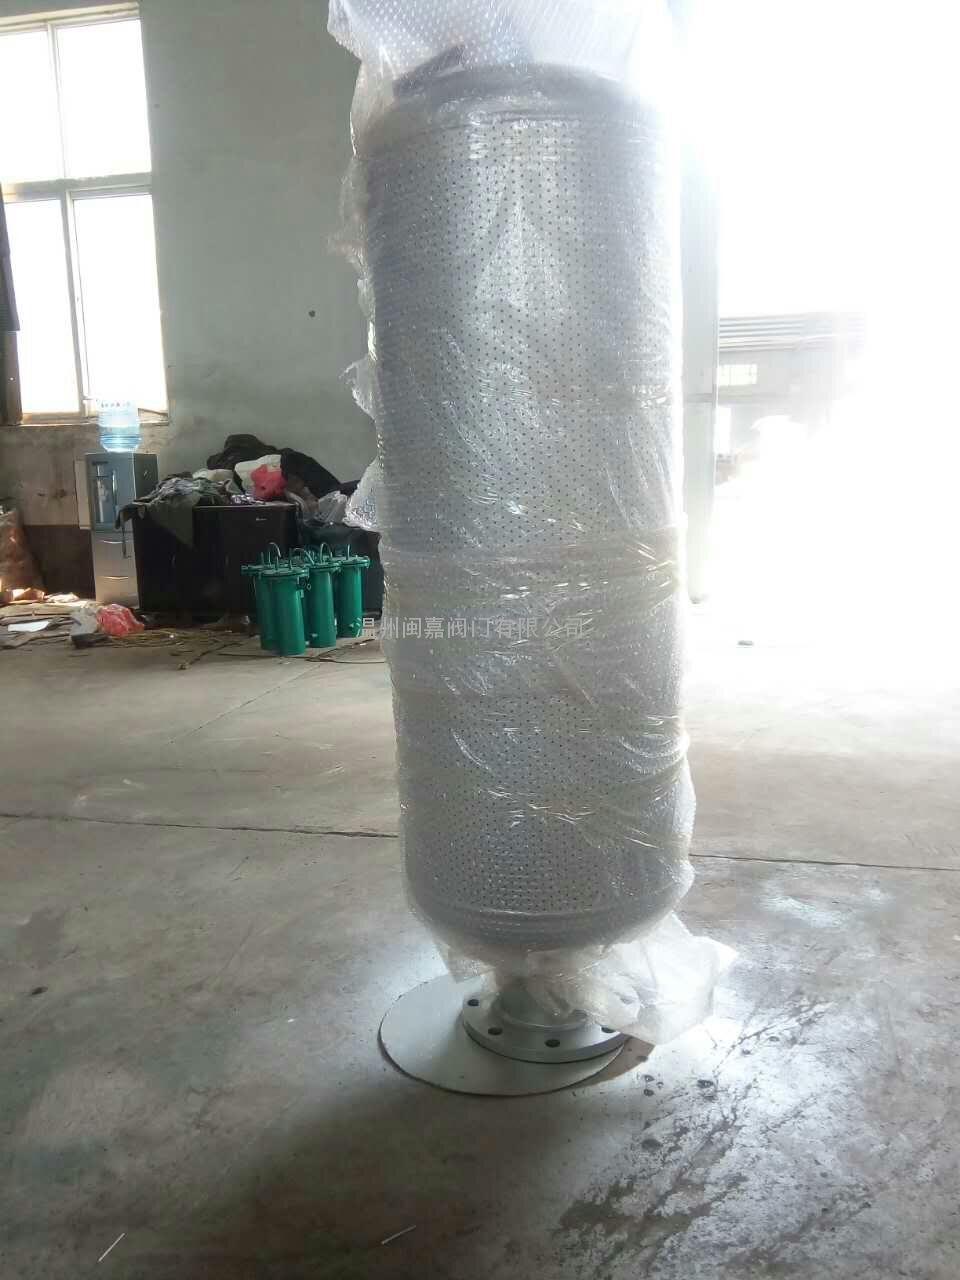 蒸汽排放蒸汽消声器/锅炉排气蒸汽消音器/排汽放气消声器喷头